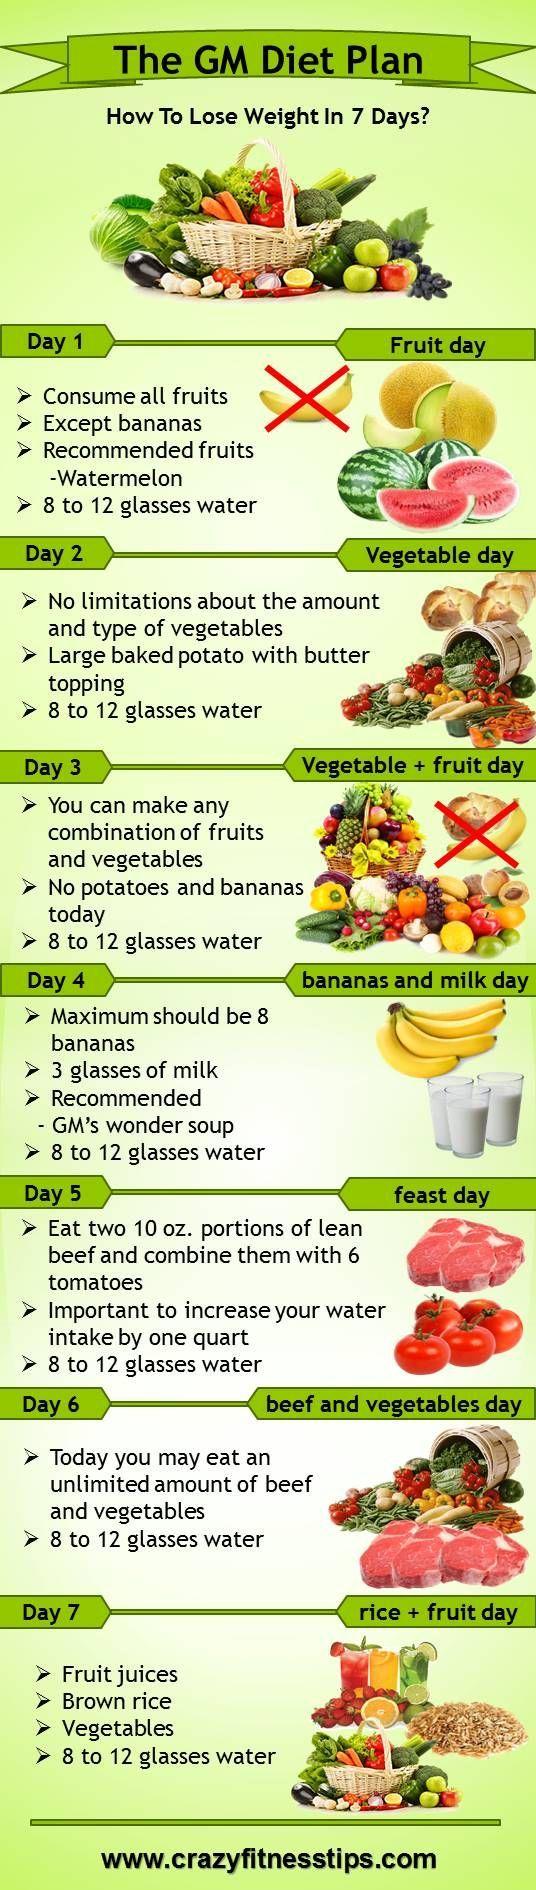 Amazing GM Diet Plan To Lose Weight In 7 Days #dietprogram